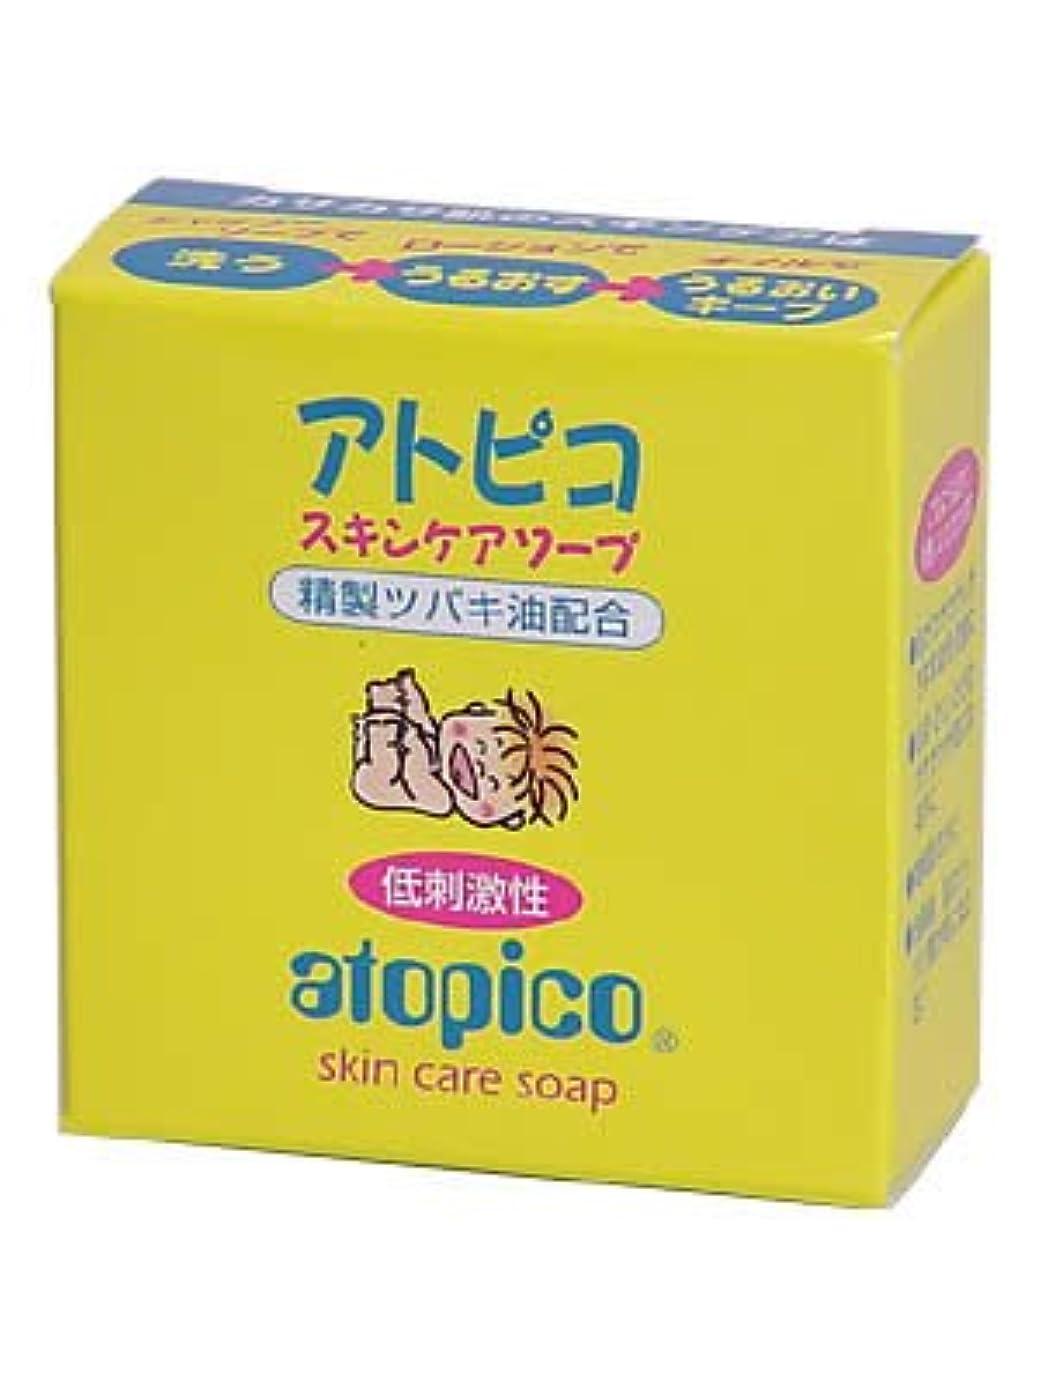 ヘロイン鹿禁止アトピコスキンケア ソープ ×8個セット